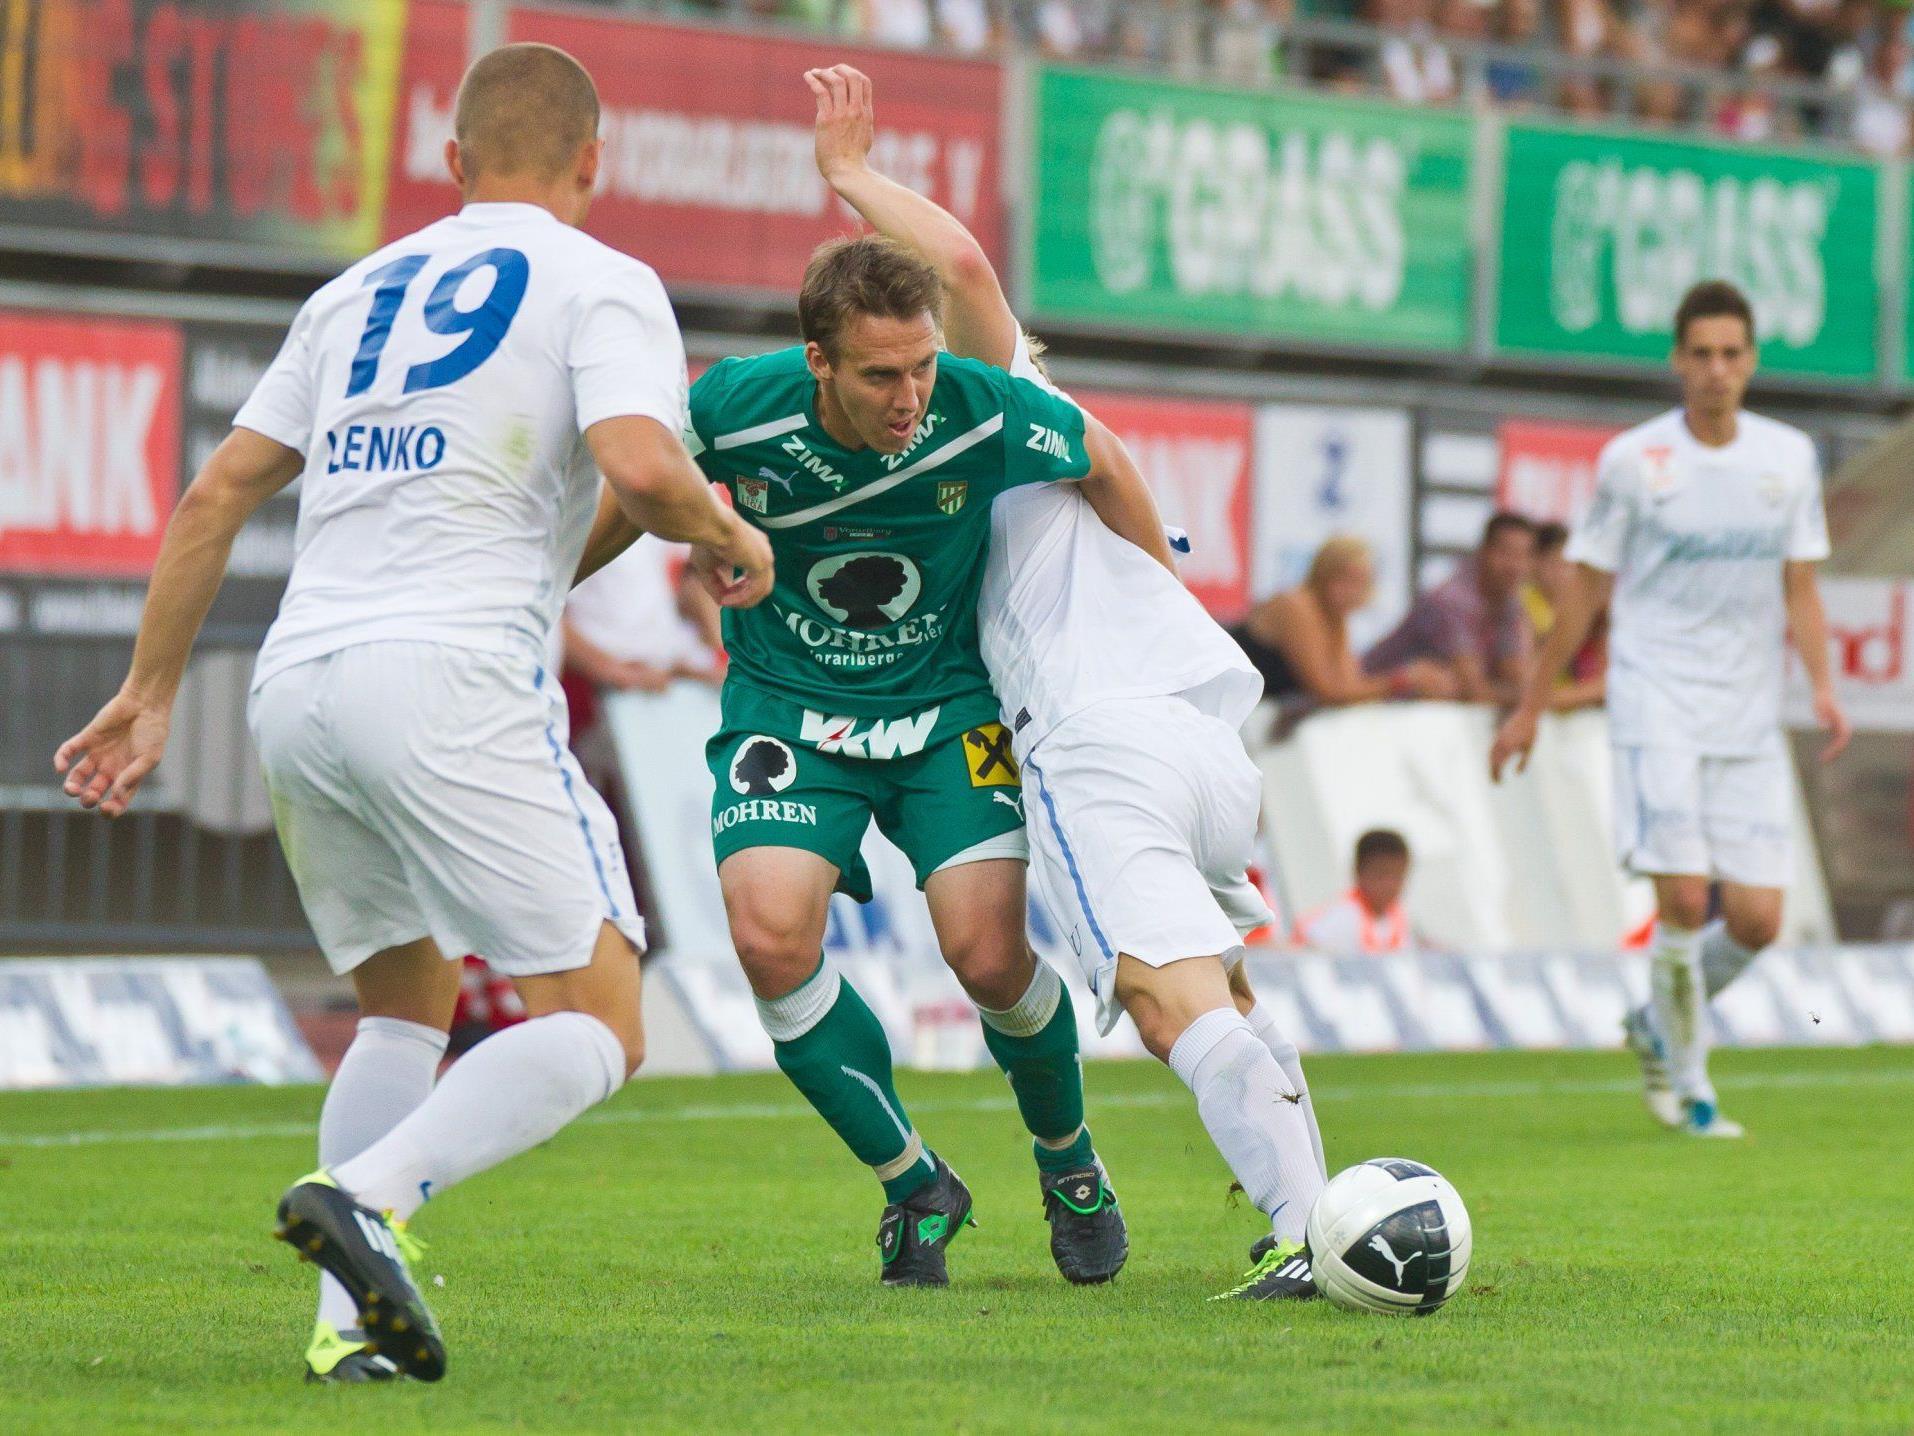 Austria Lustenaus Abwehrchef Christoph Stückler absolvierte im Jahr 2012 alle Spiele für seinen Klub und möchte unbedingt weiter im Titelkampf mitmischen.